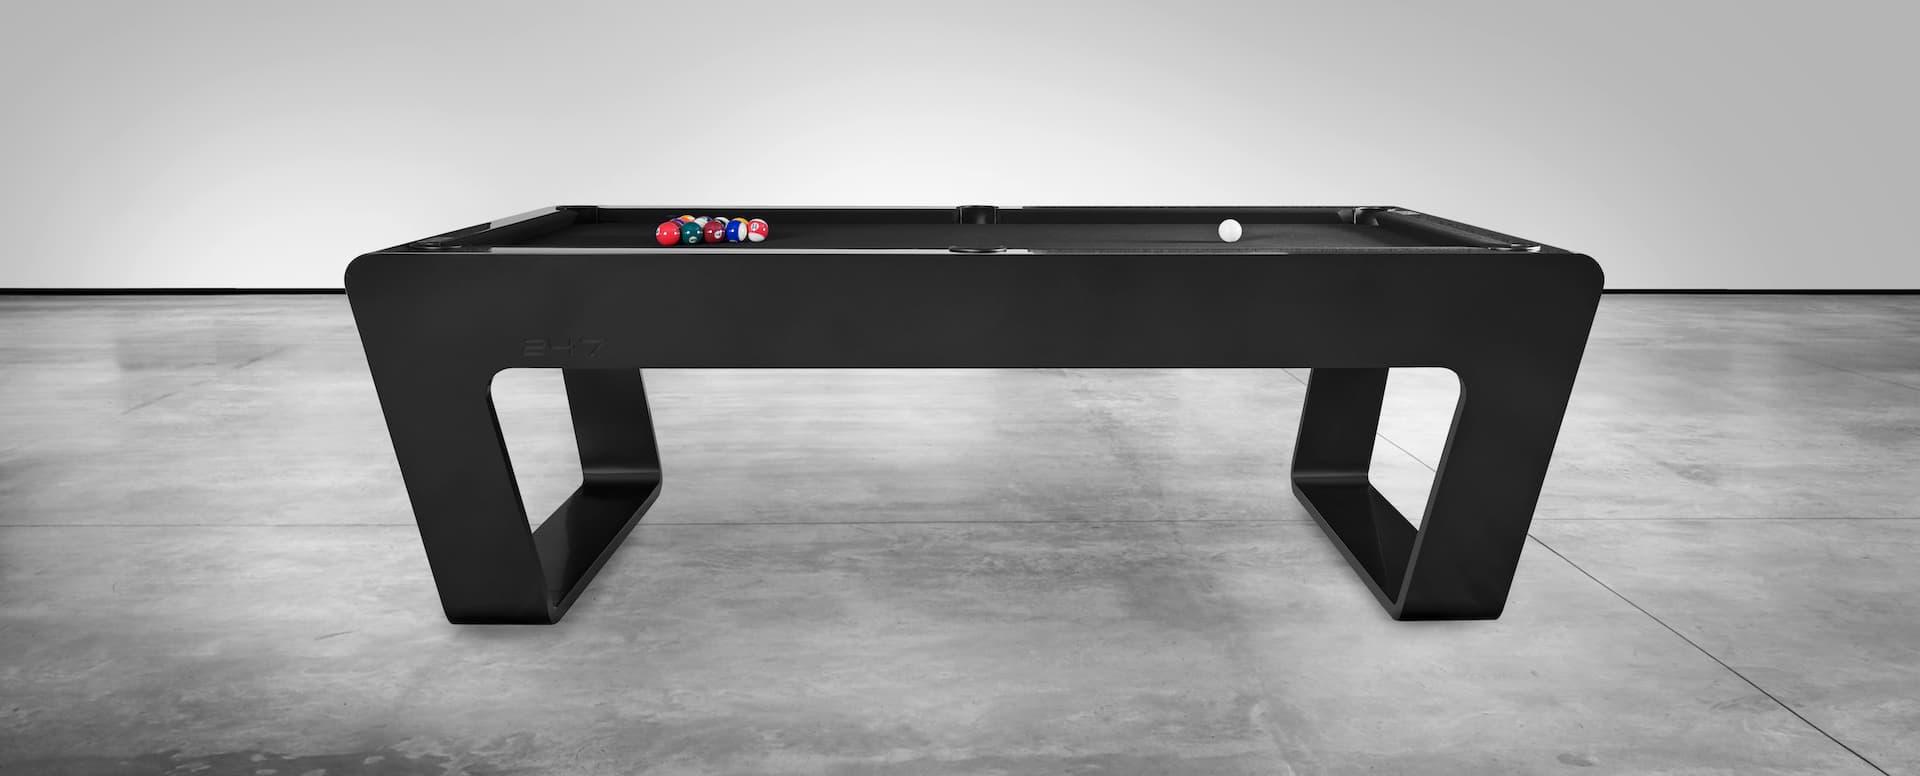 Moderner Billardtisch mit klaren und dynamischen Linien